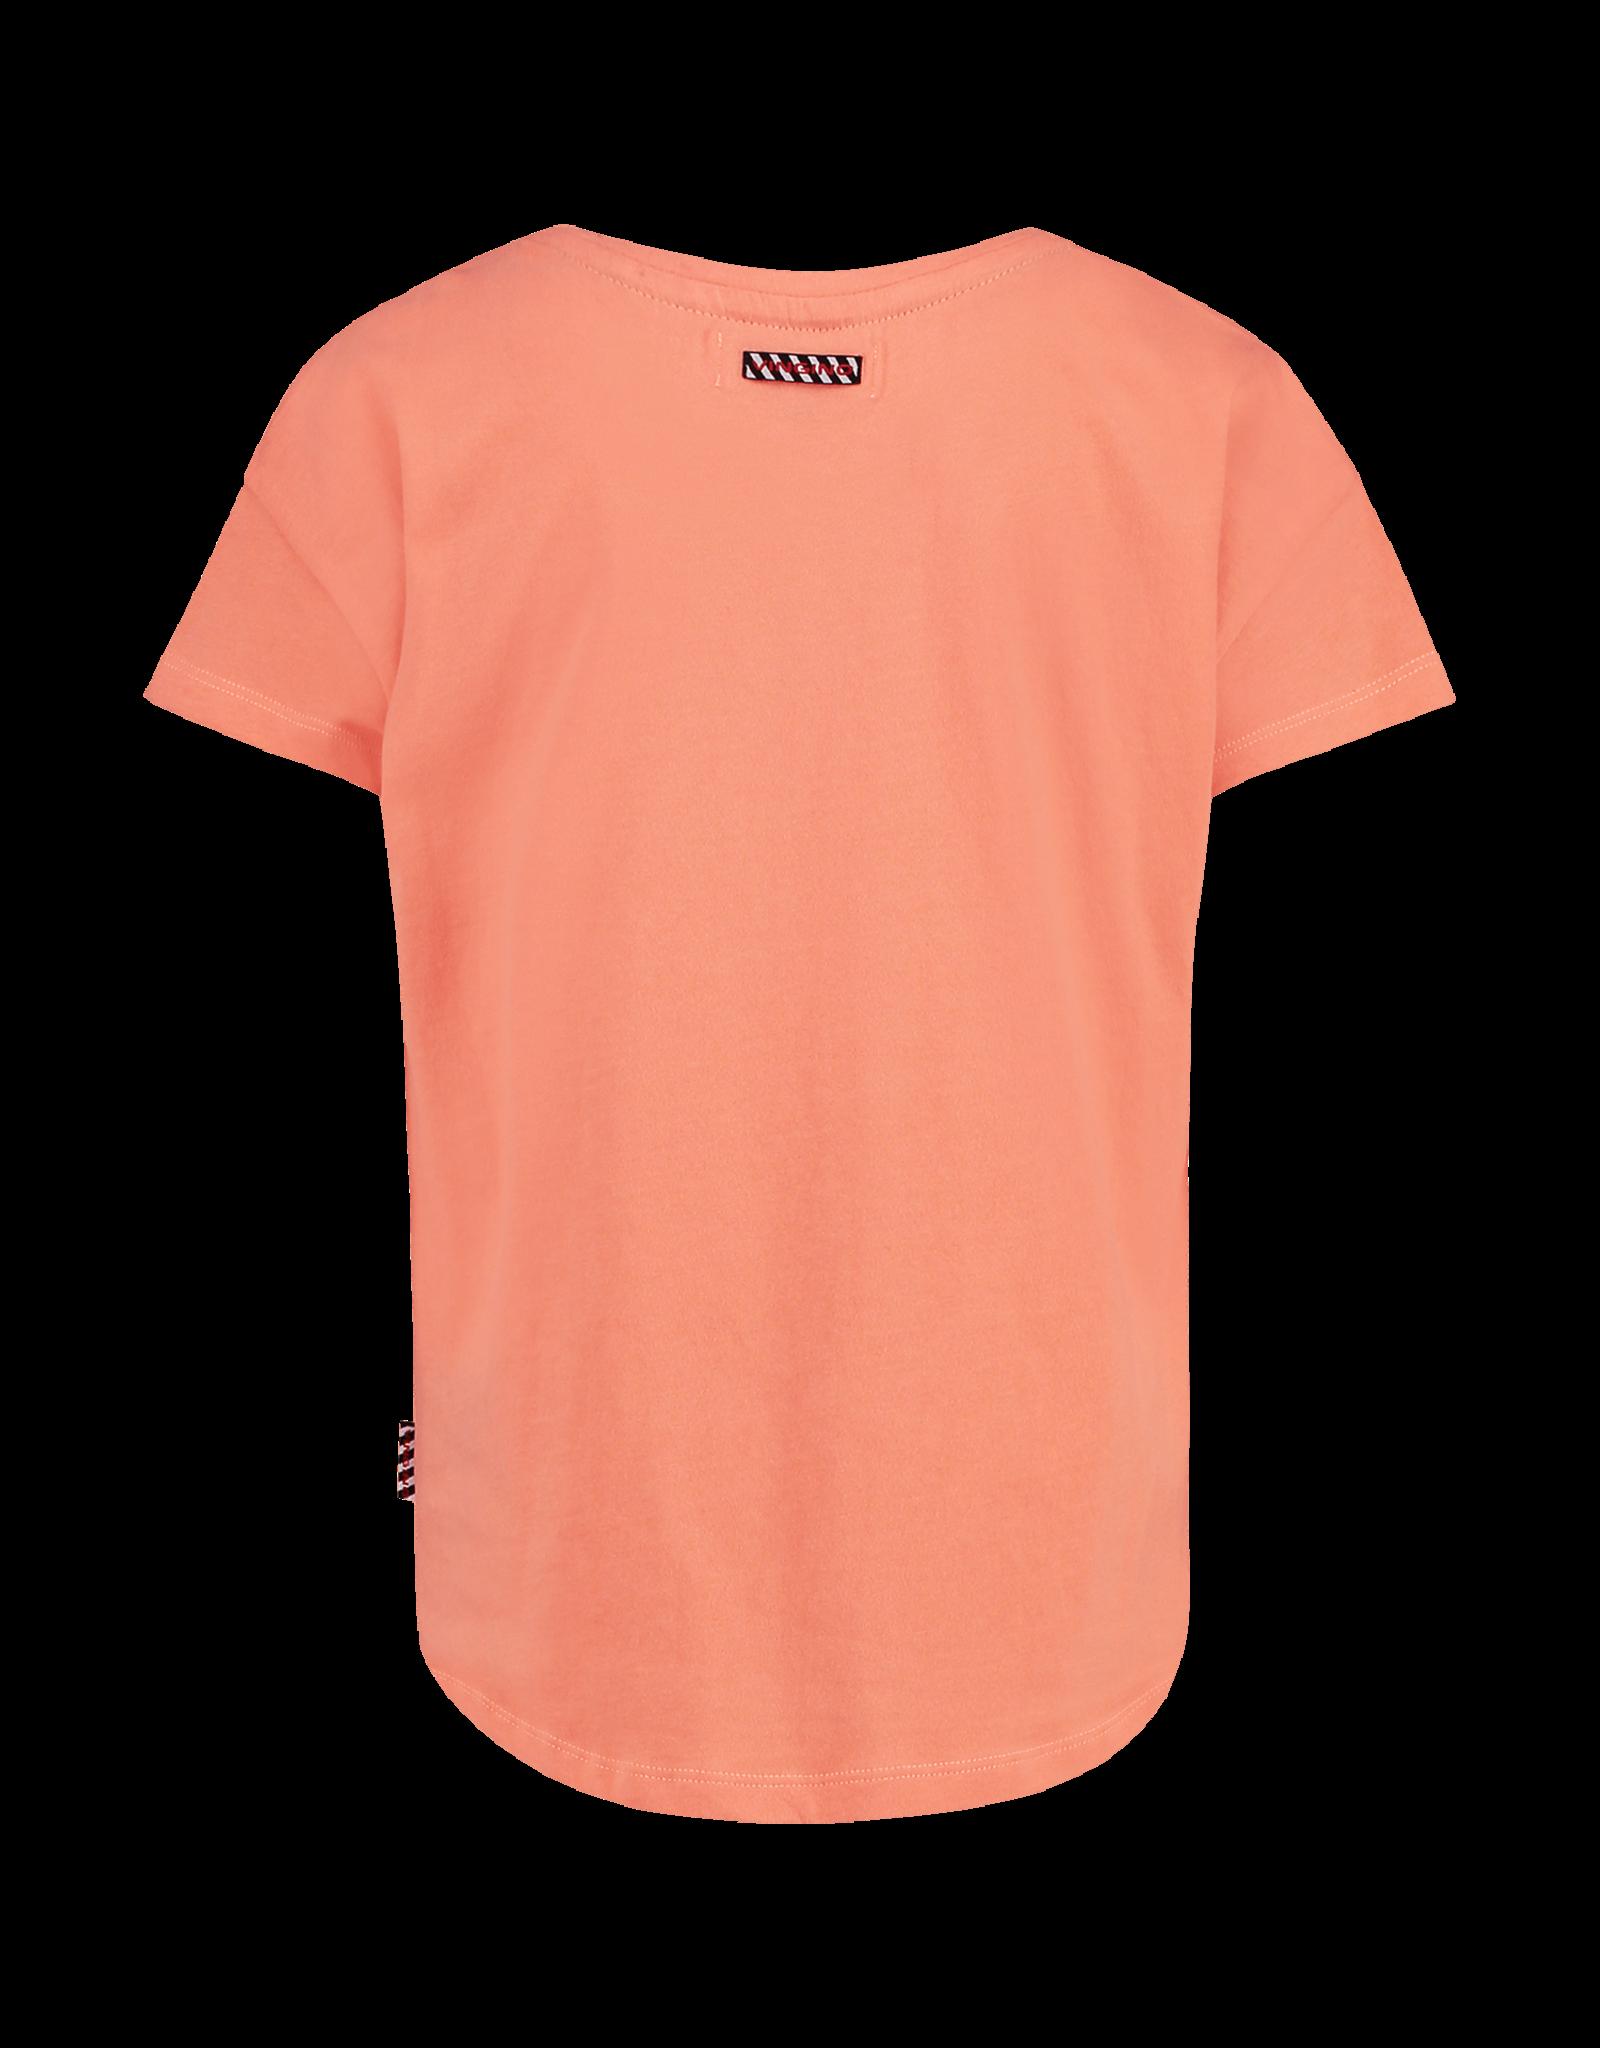 Vingino Hessy T-shirt 409 Peach Glow